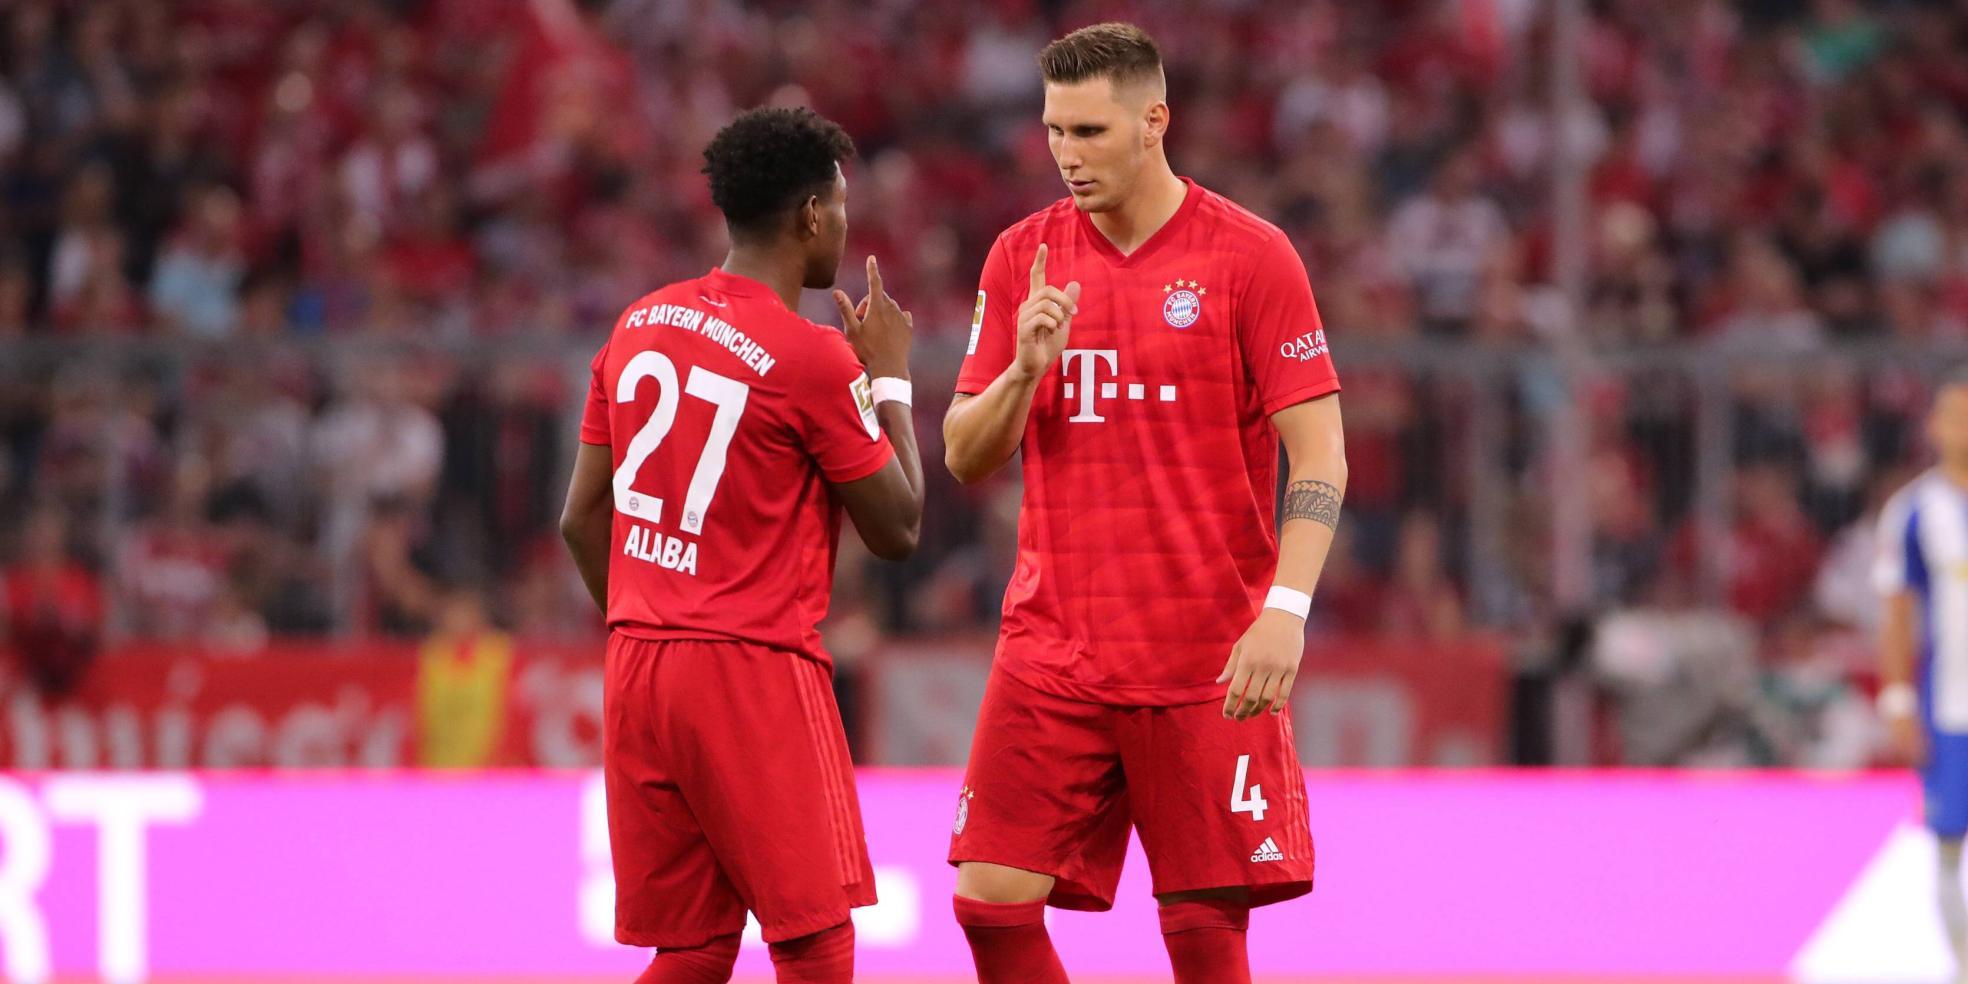 David Alaba und Niklas Süle vom FC Bayern München